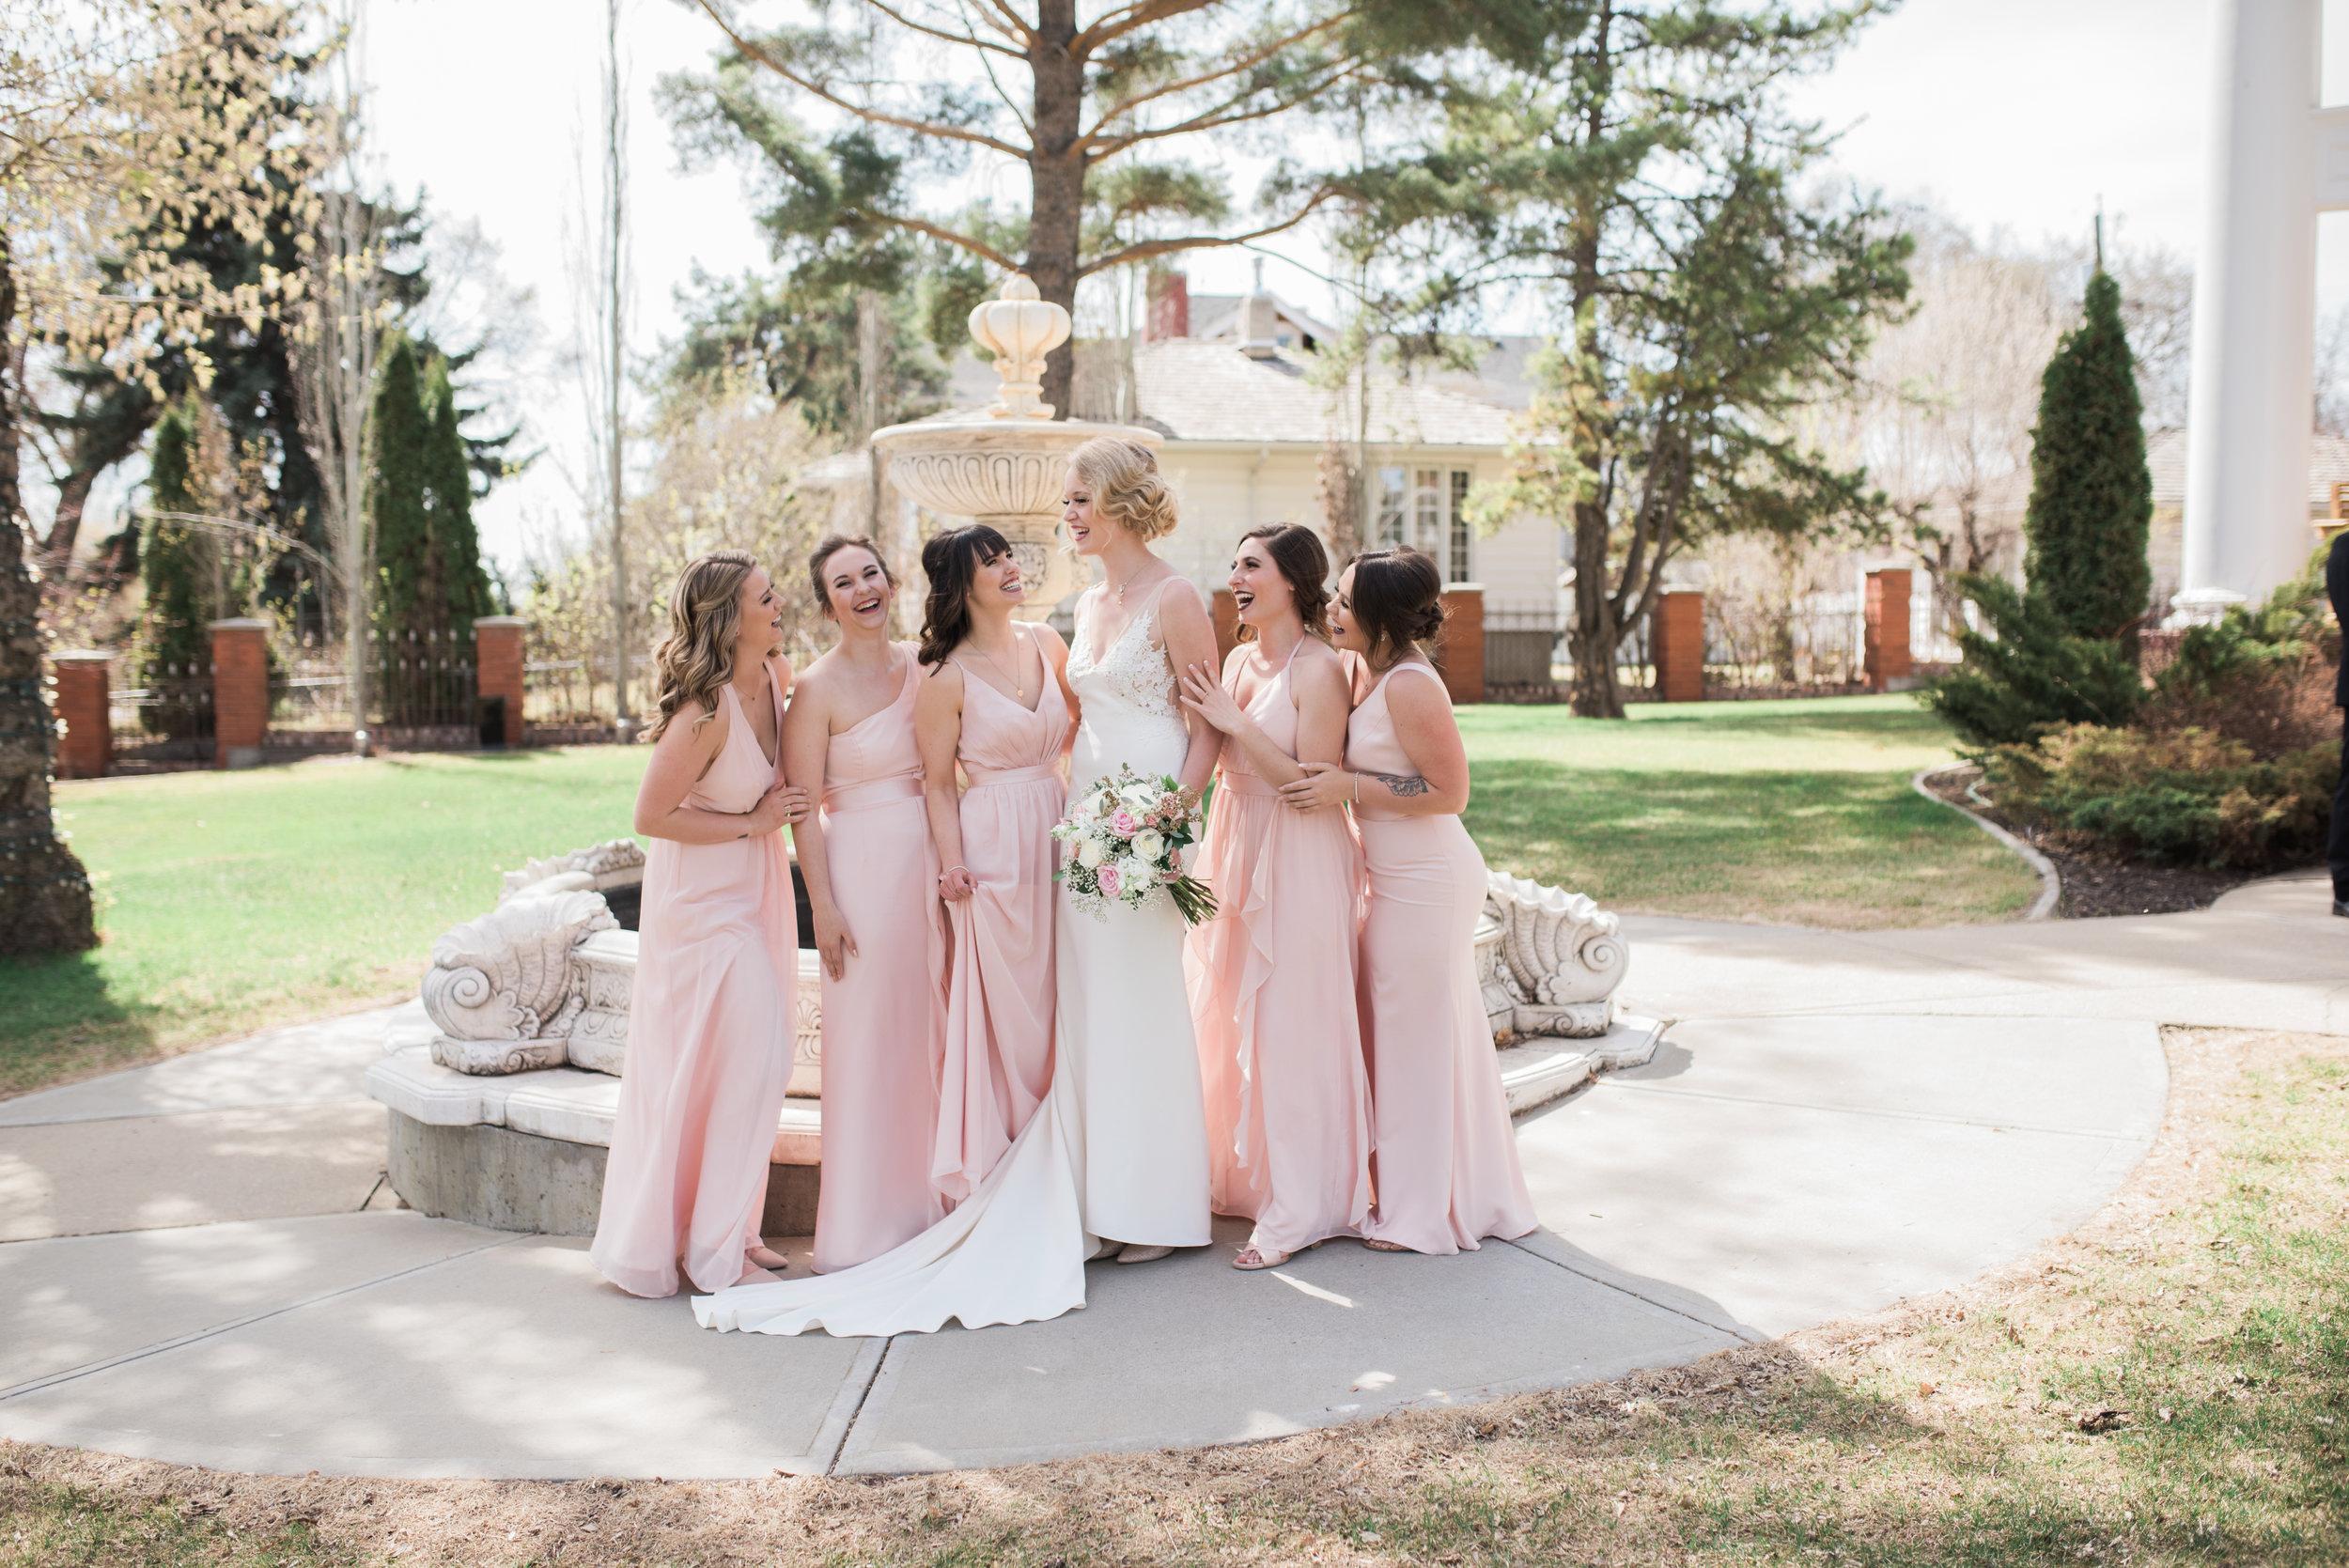 Ali Samantha Wedding 664-Edit-2.jpg